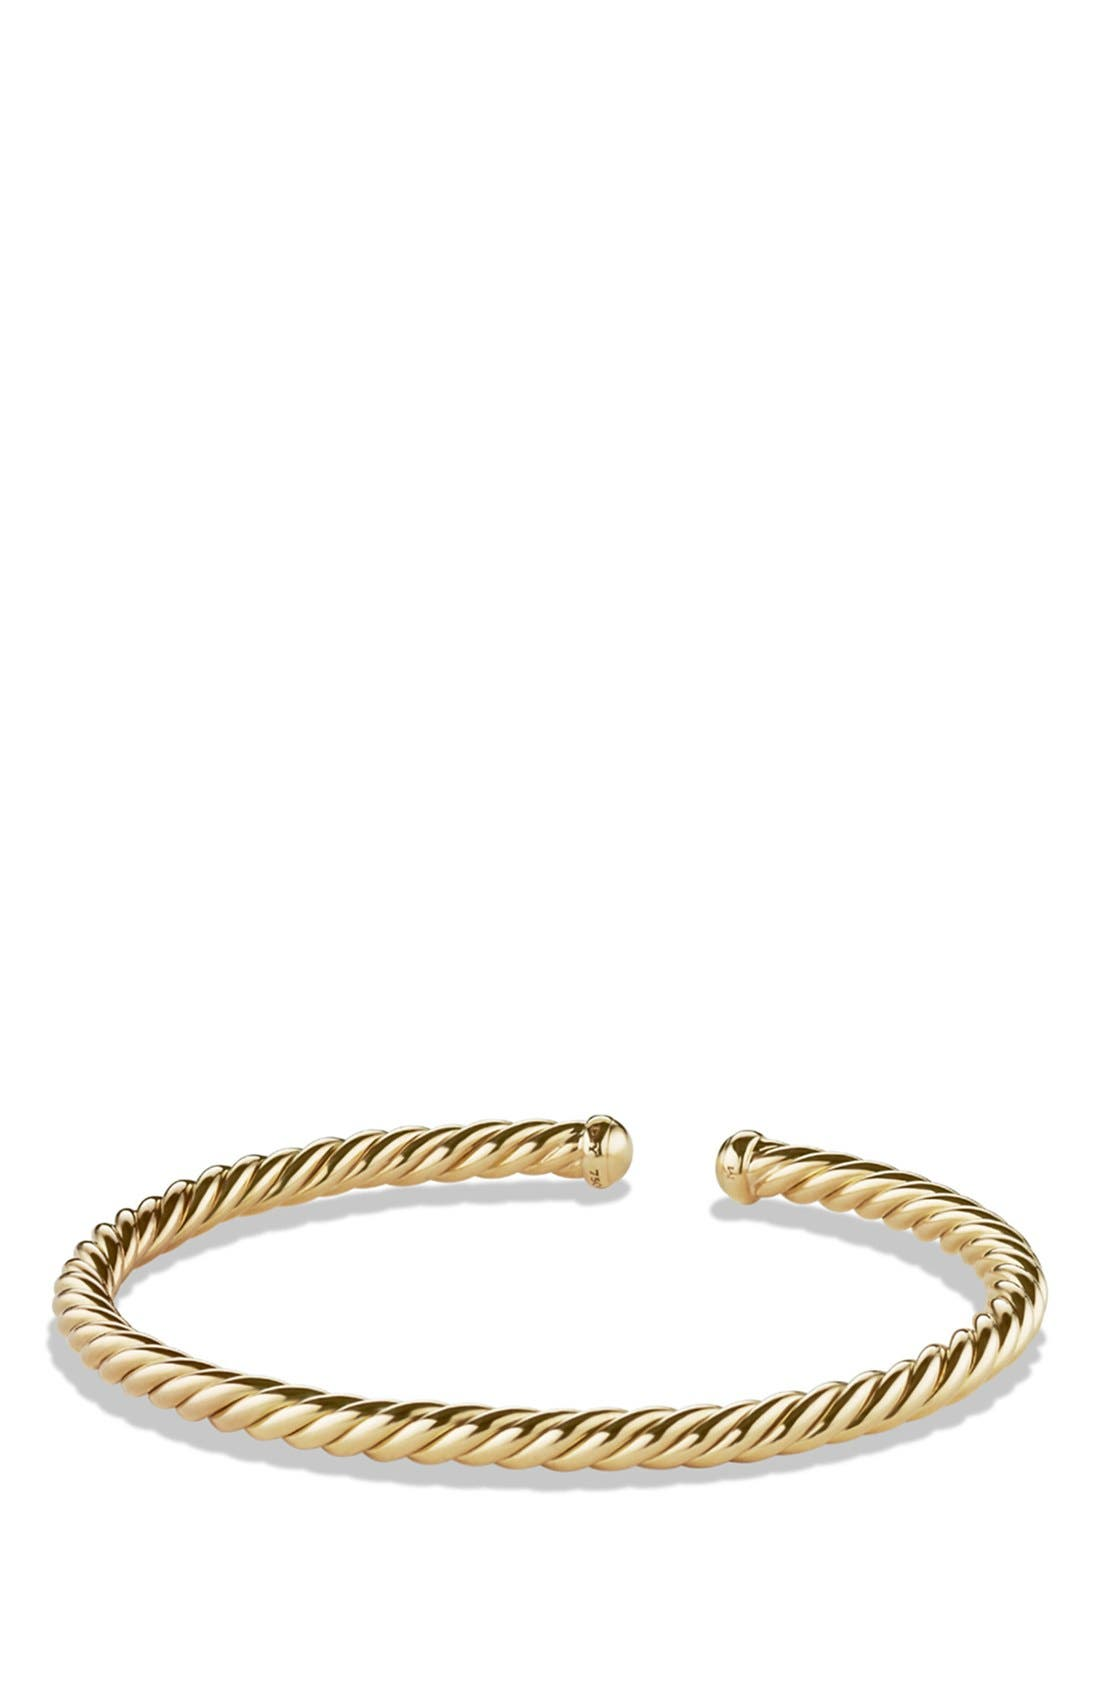 Cable Spira Bracelet in 18K Gold, 4mm,                         Main,                         color, GOLD